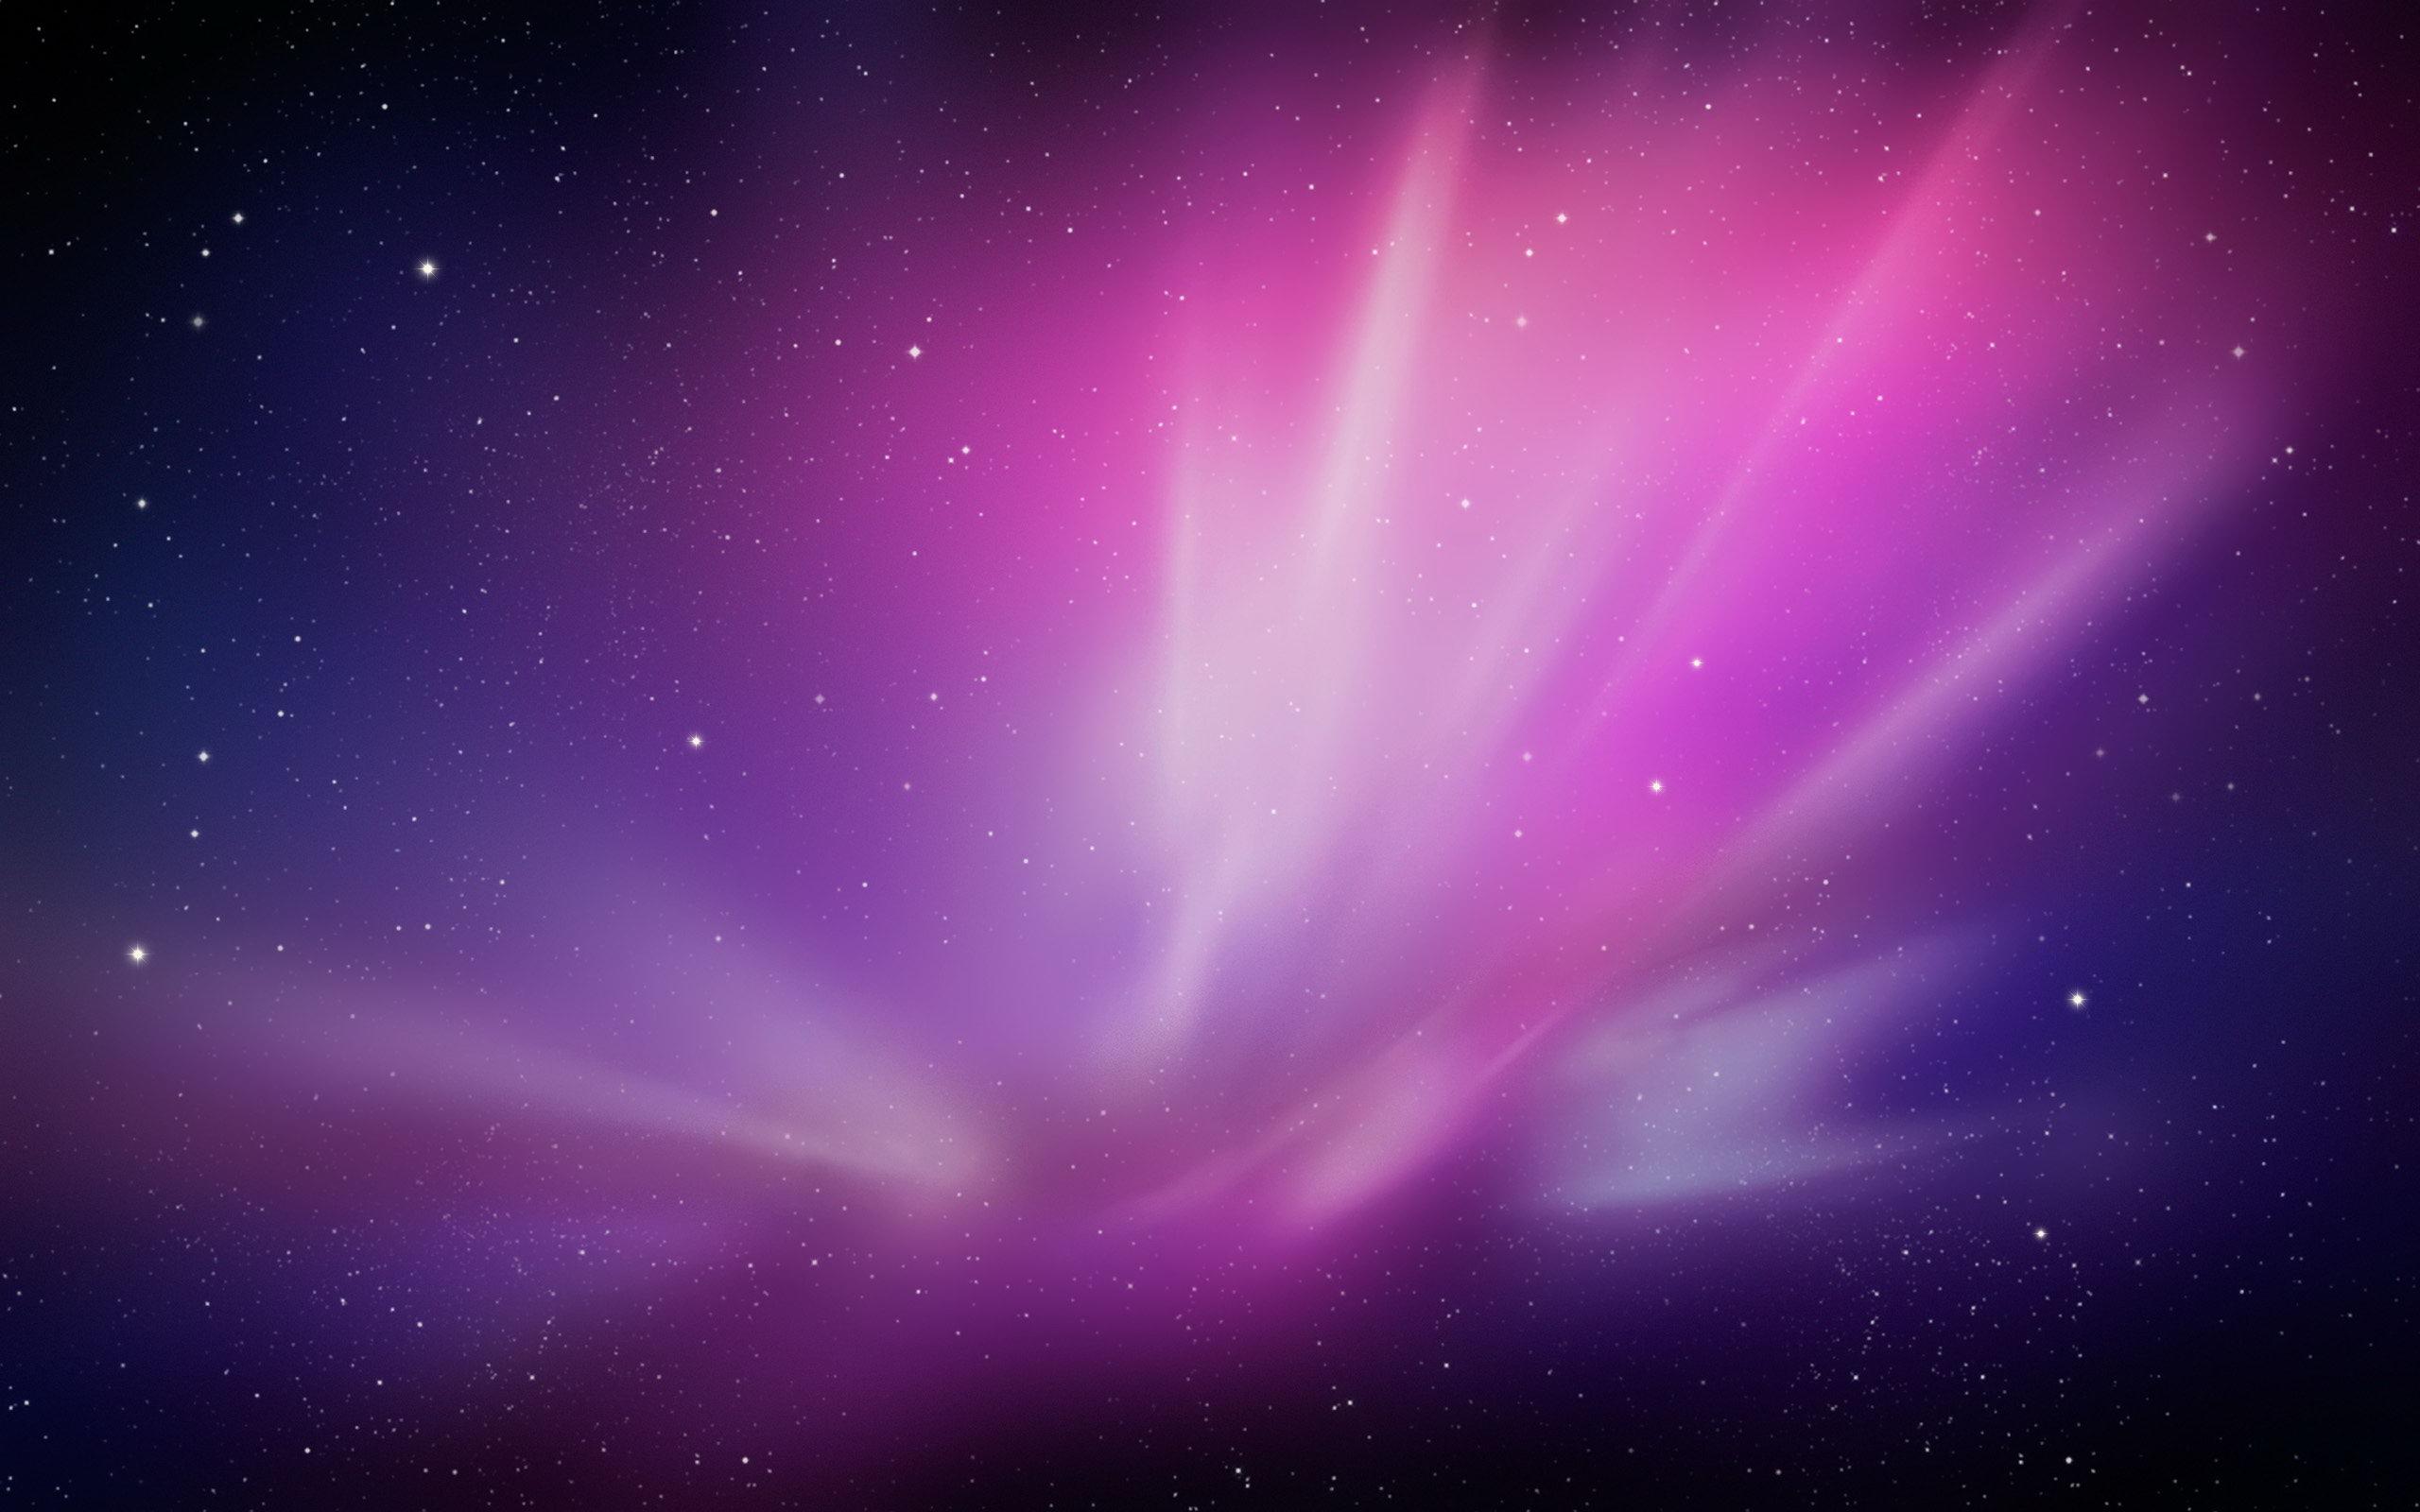 Apple] Mac OSX Wallpaper Apfelmagcom 2560x1600